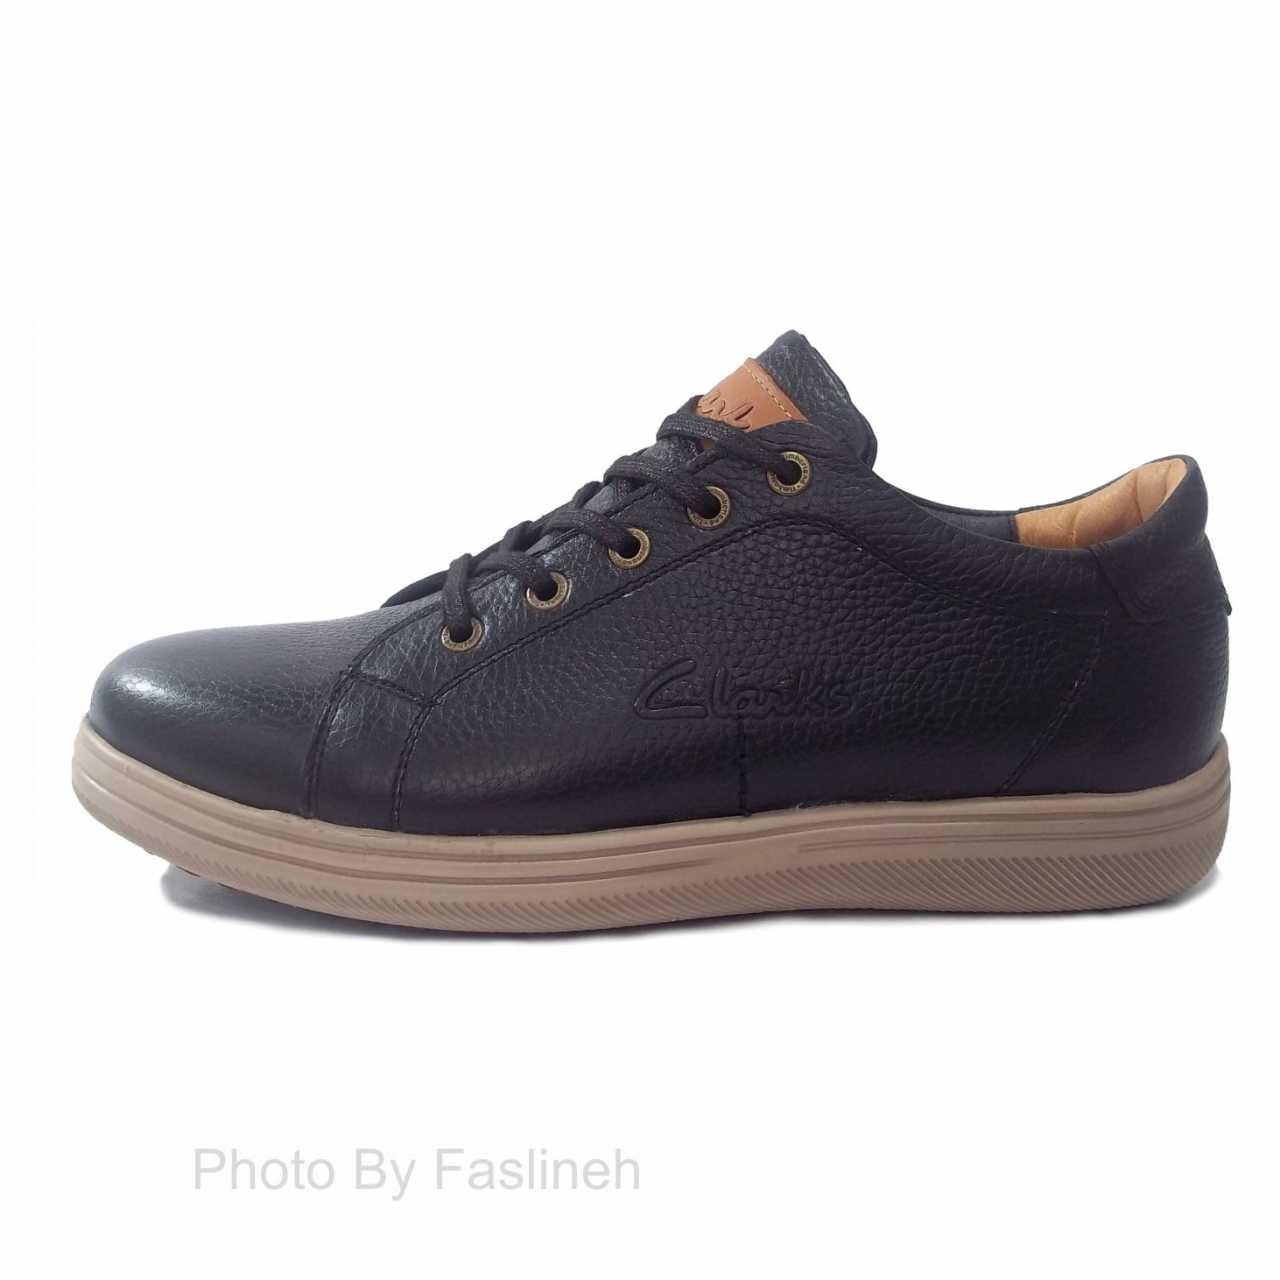 کفش چرم اسپرت کلارک مشکی CSL3201